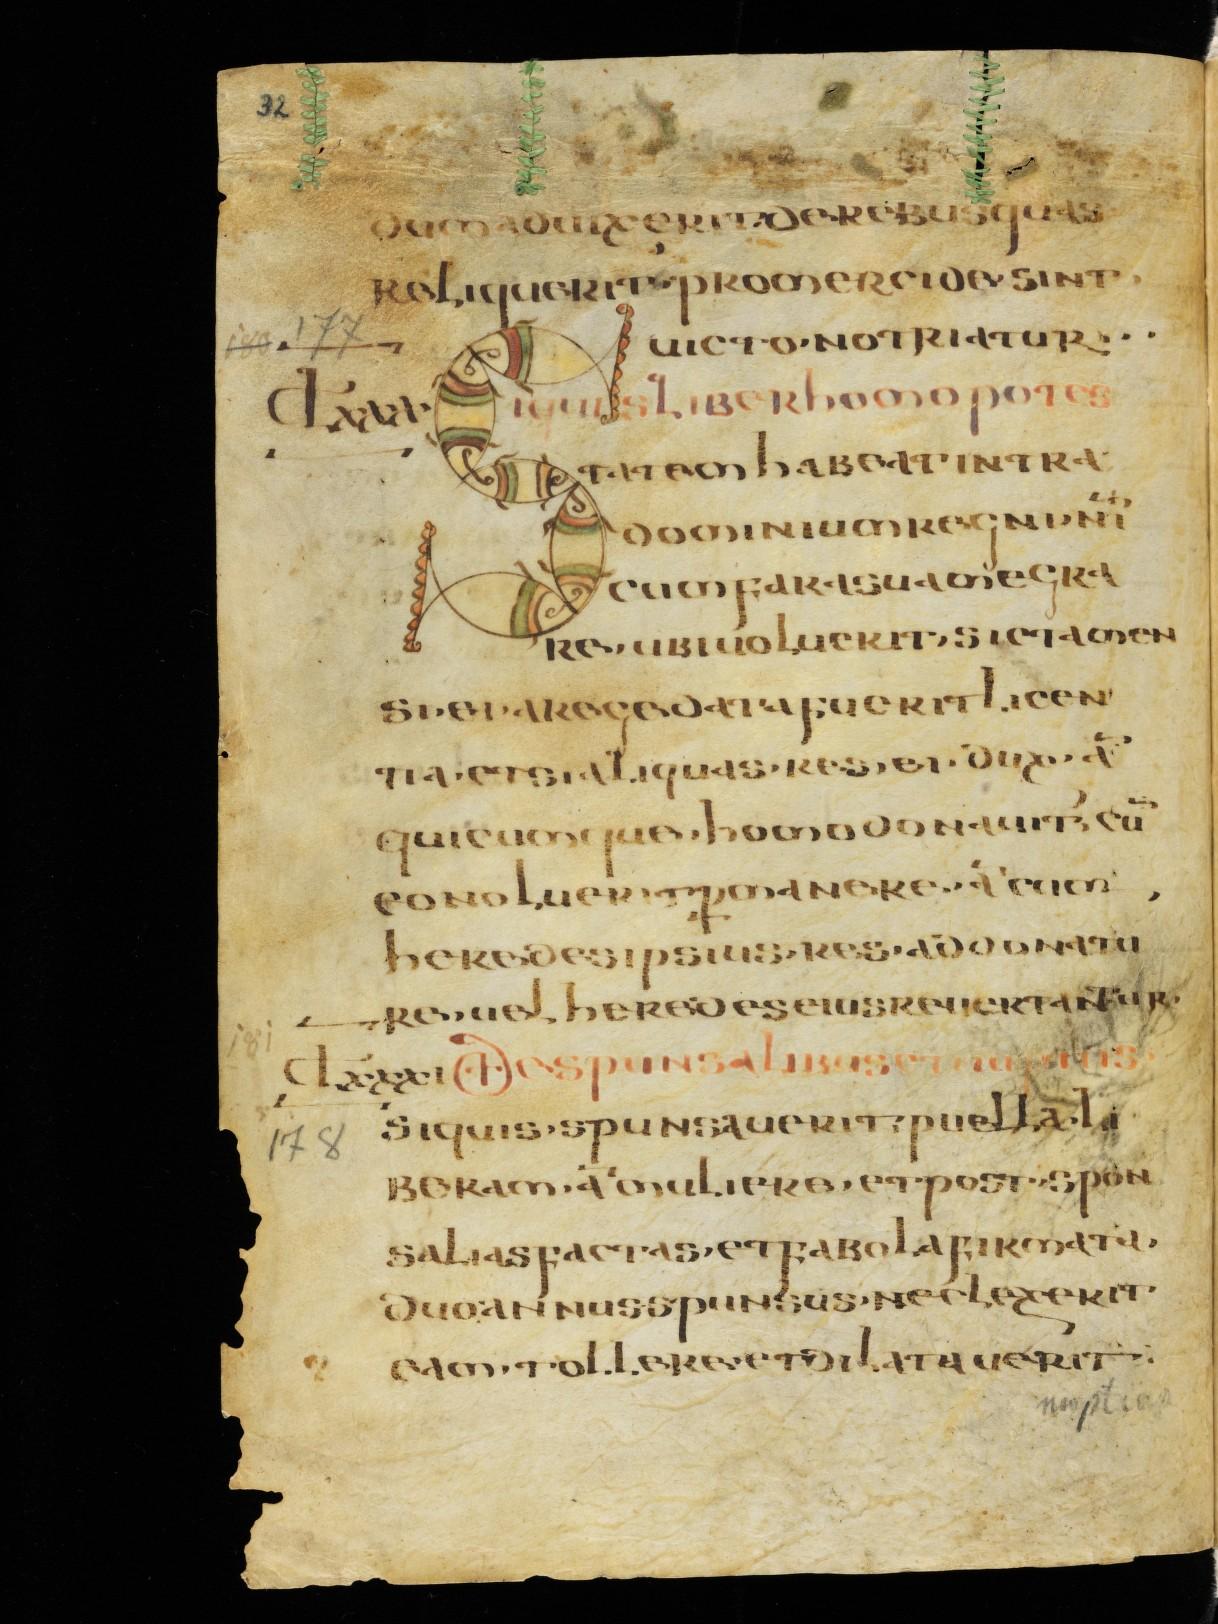 Cod. Sang. 730, p. 32